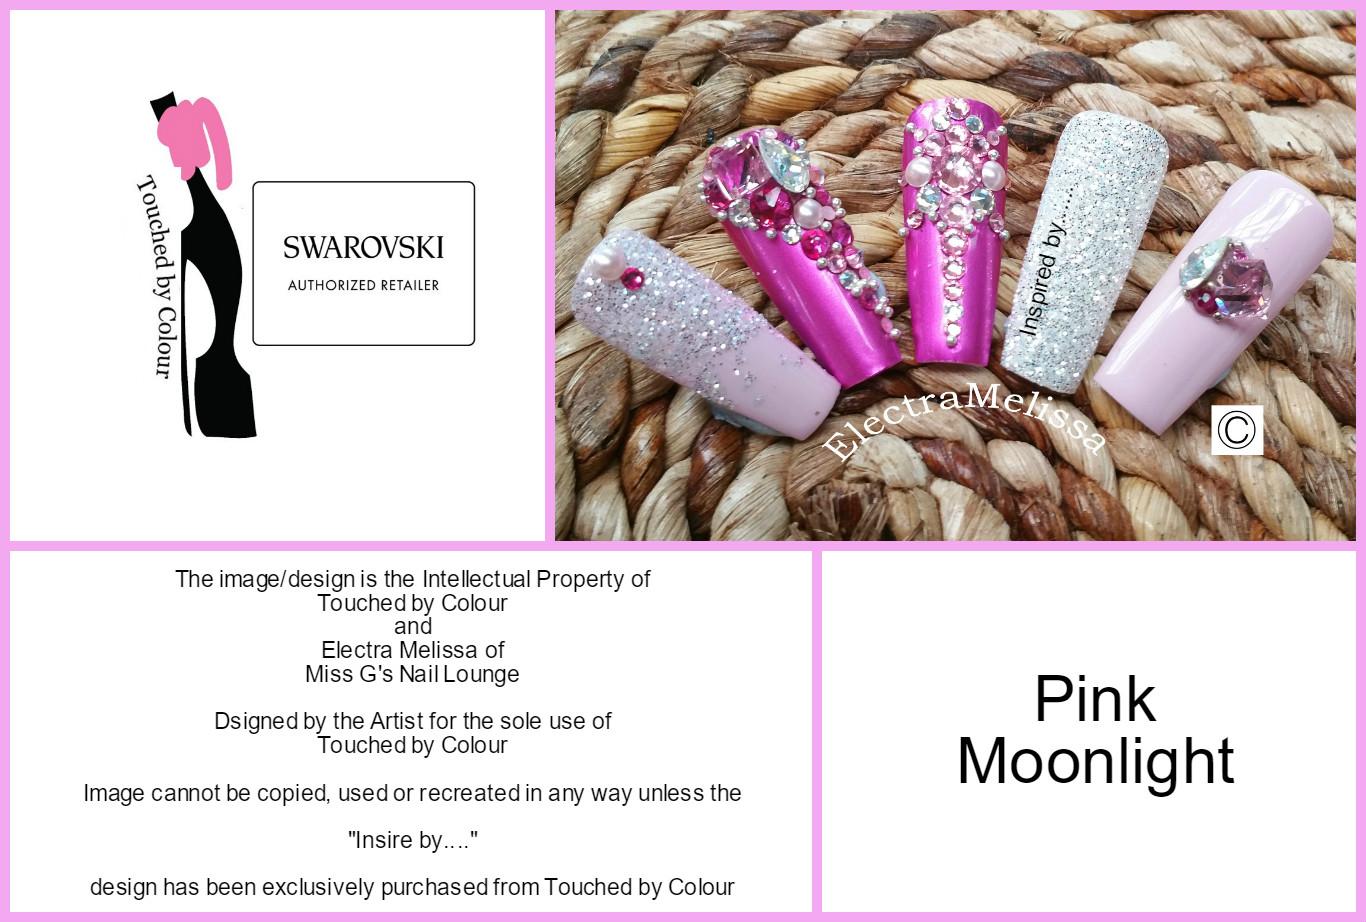 pink moonlight.jpg